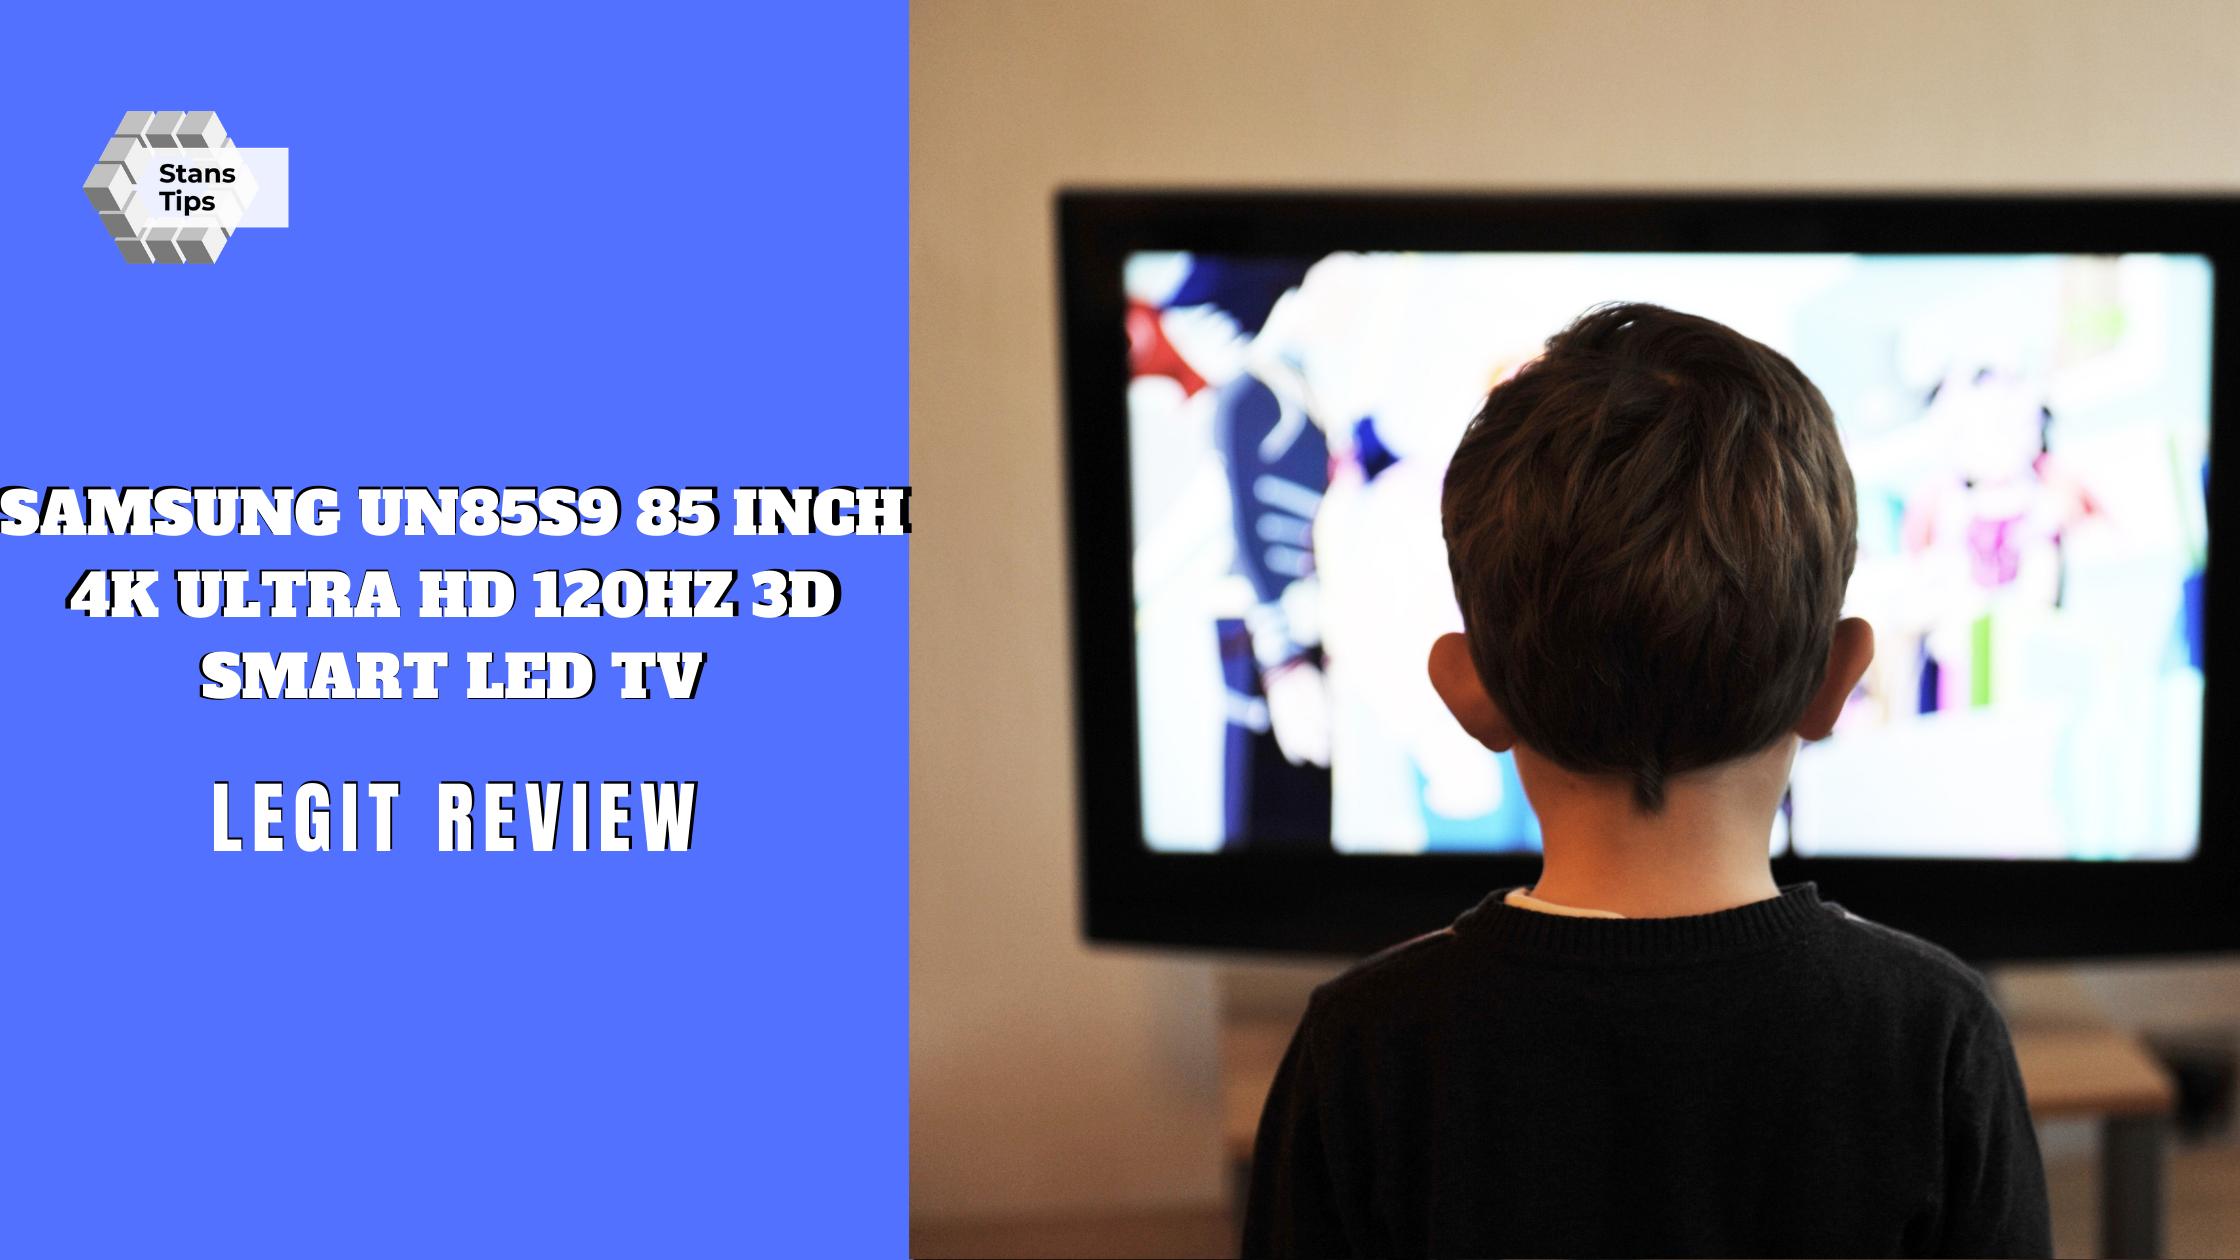 Samsung un85s9 85 inch 4k ultra hd 120hz 3d smart led tv